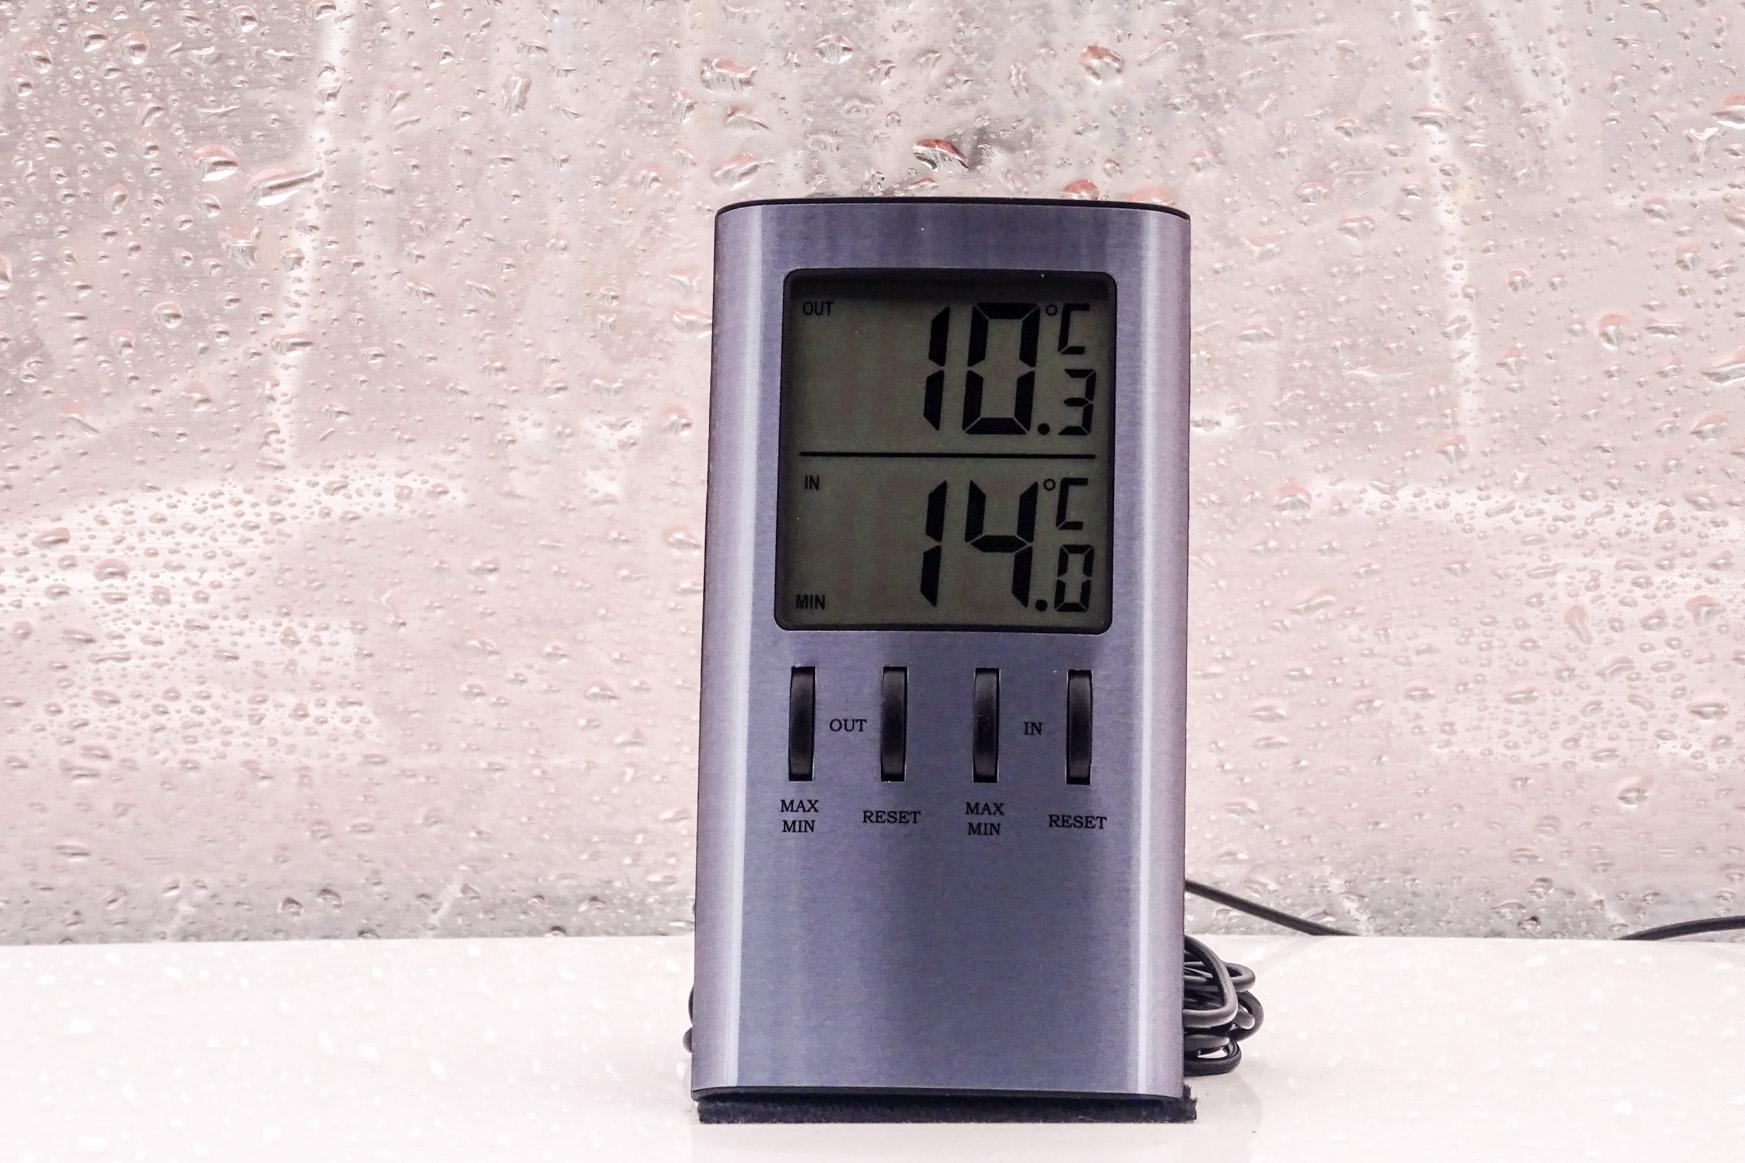 Unser neues Thermometer - das alte hat meine letzte Putzaktion nicht überstanden